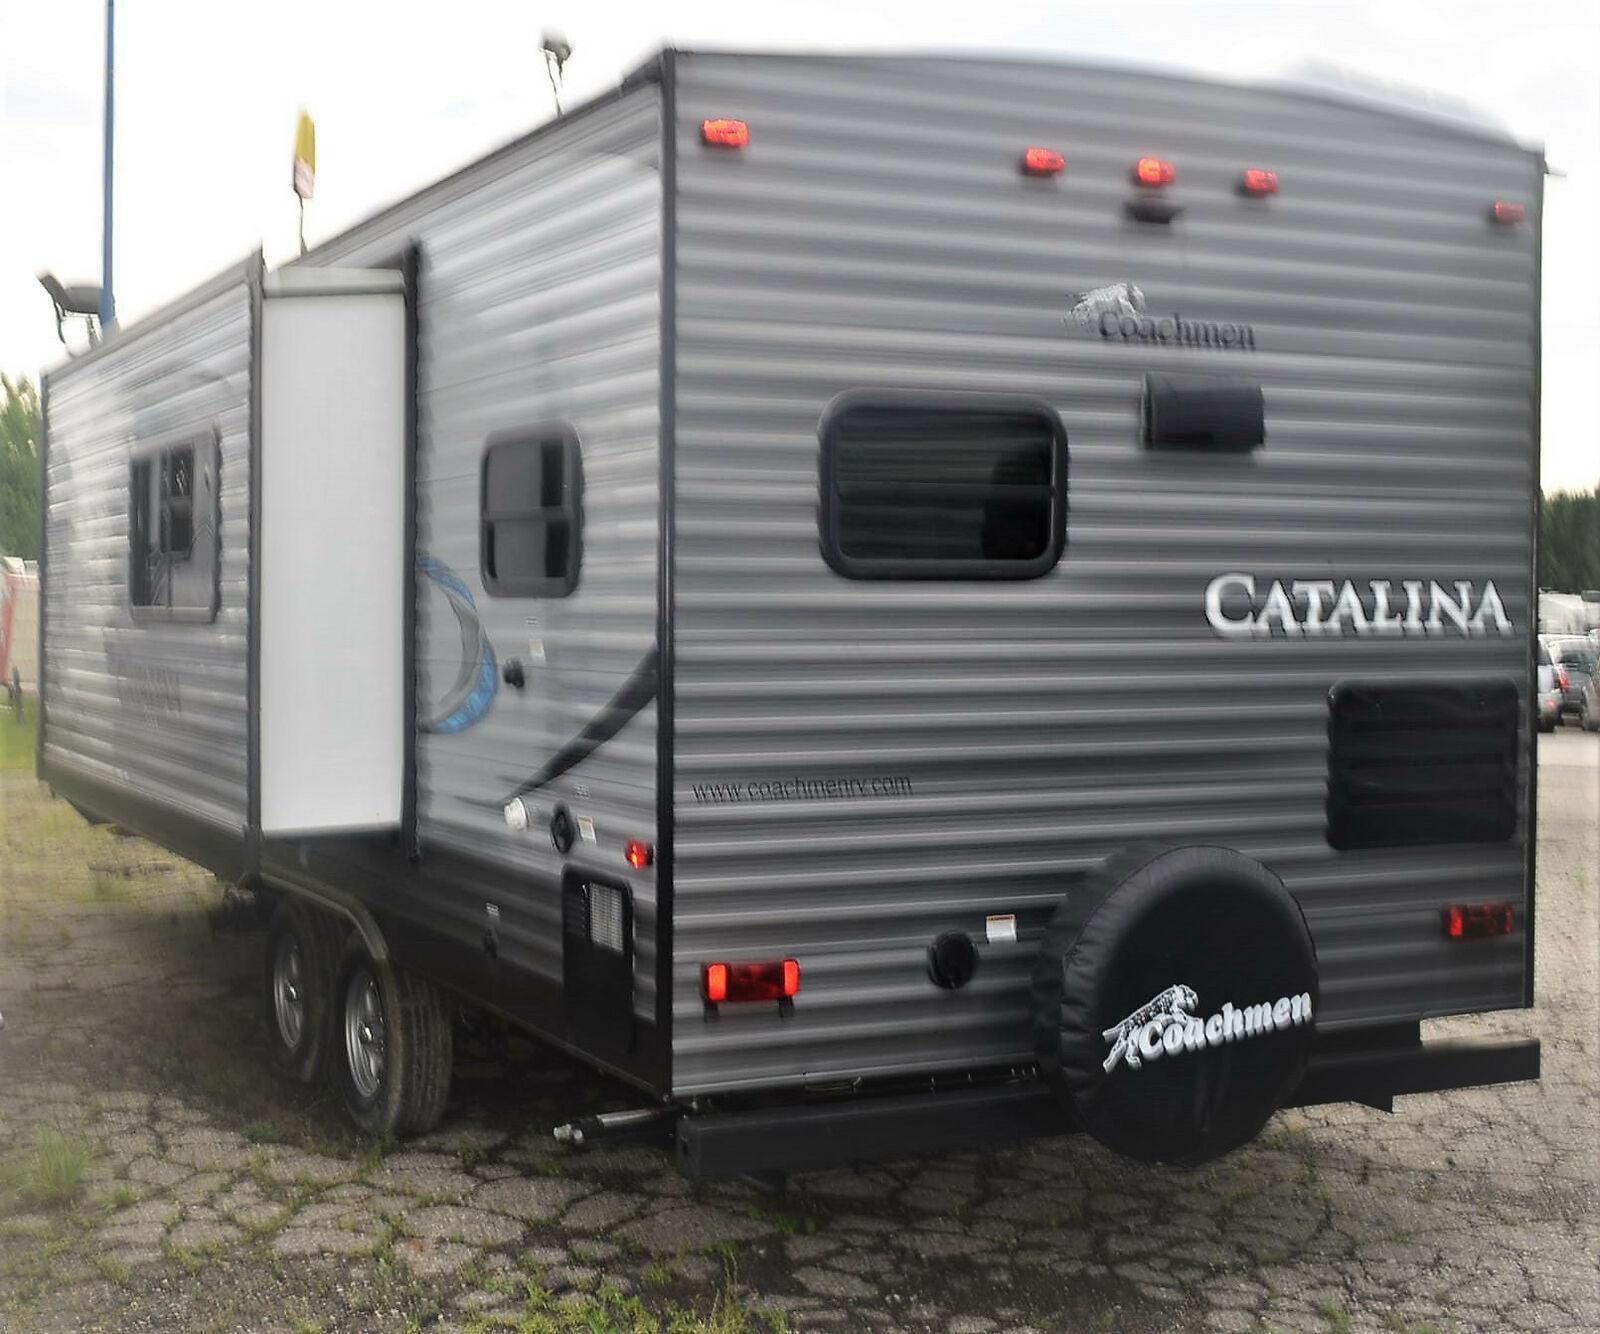 mint 2018 Coachmen Catalina SBX Camper